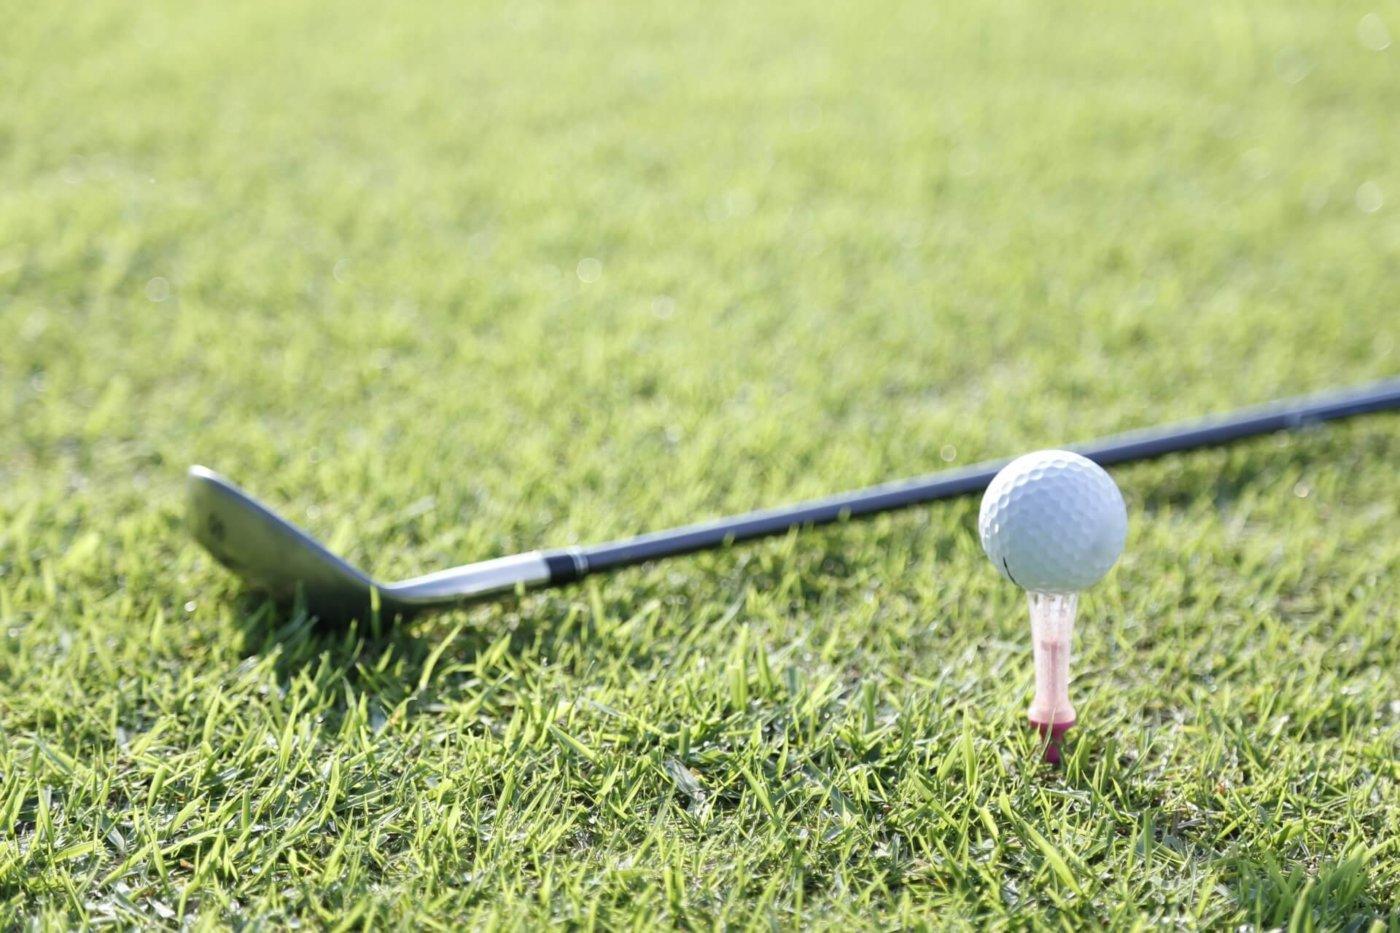 初心者は何を揃えたらいいの?初心者が揃えると良いゴルフ道具特集!